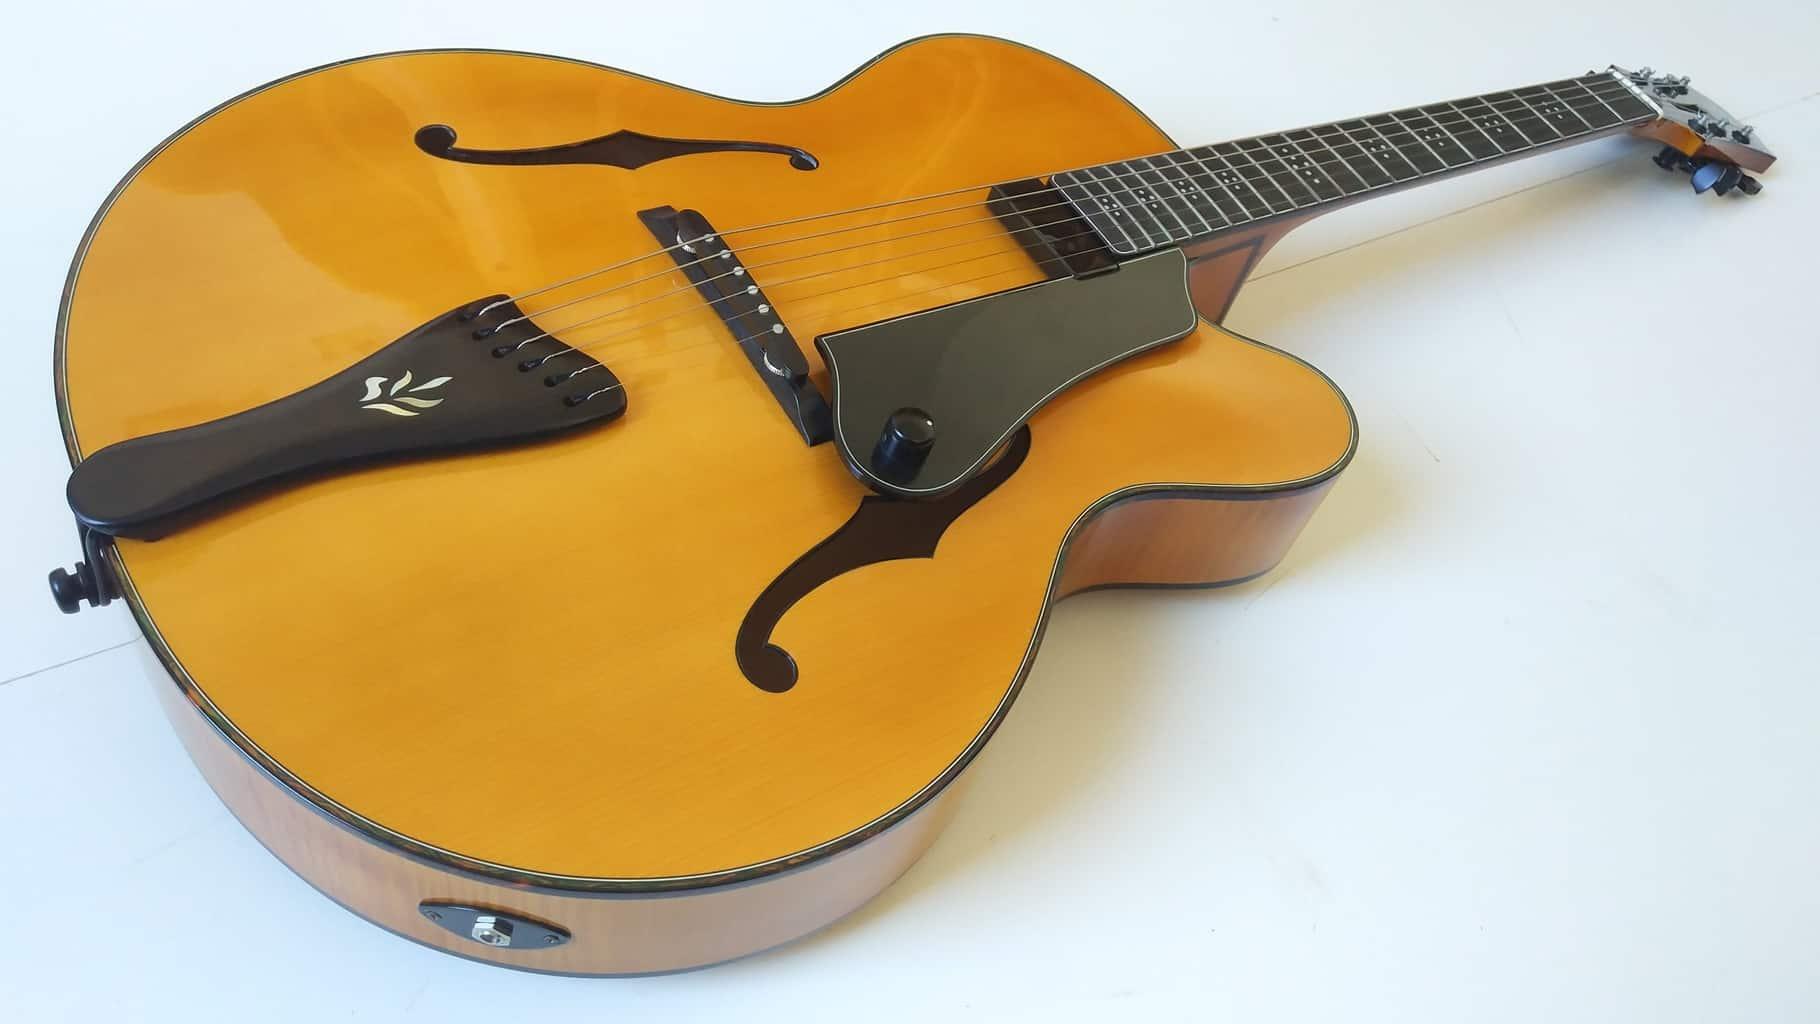 Archtop guitare construite à la main par Gérard Gory